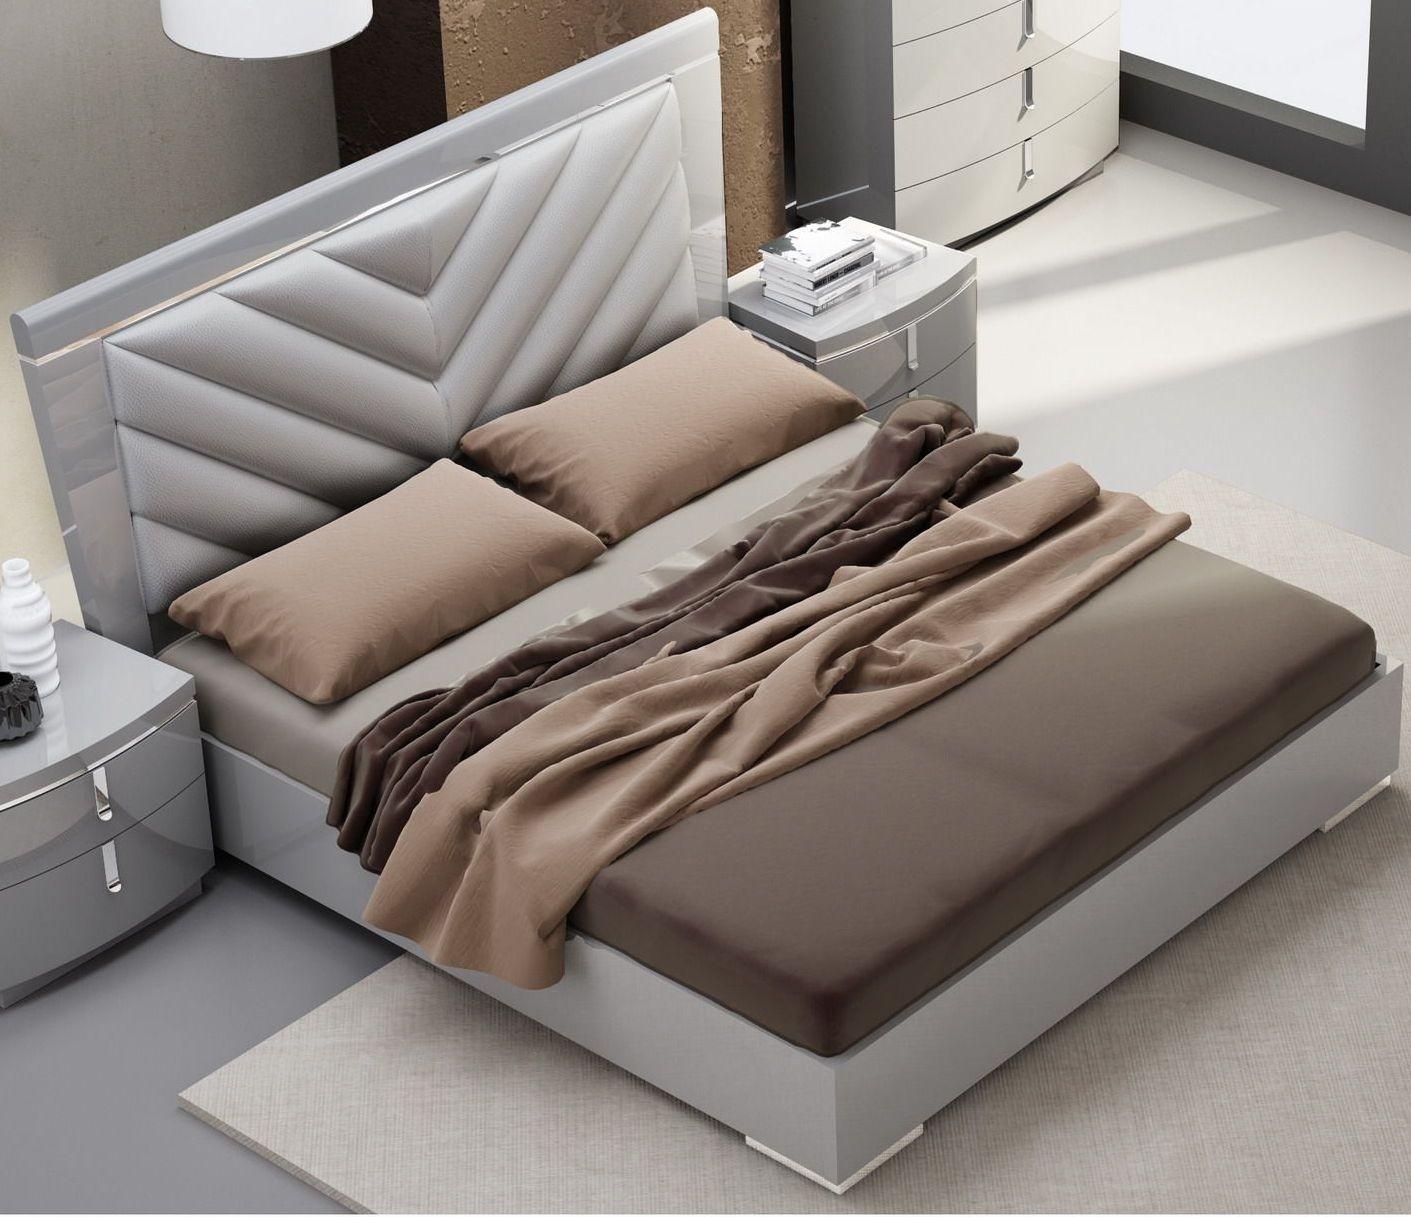 New york gray upholstered platform bedroom set 18215 q j m for Bedroom furniture new york